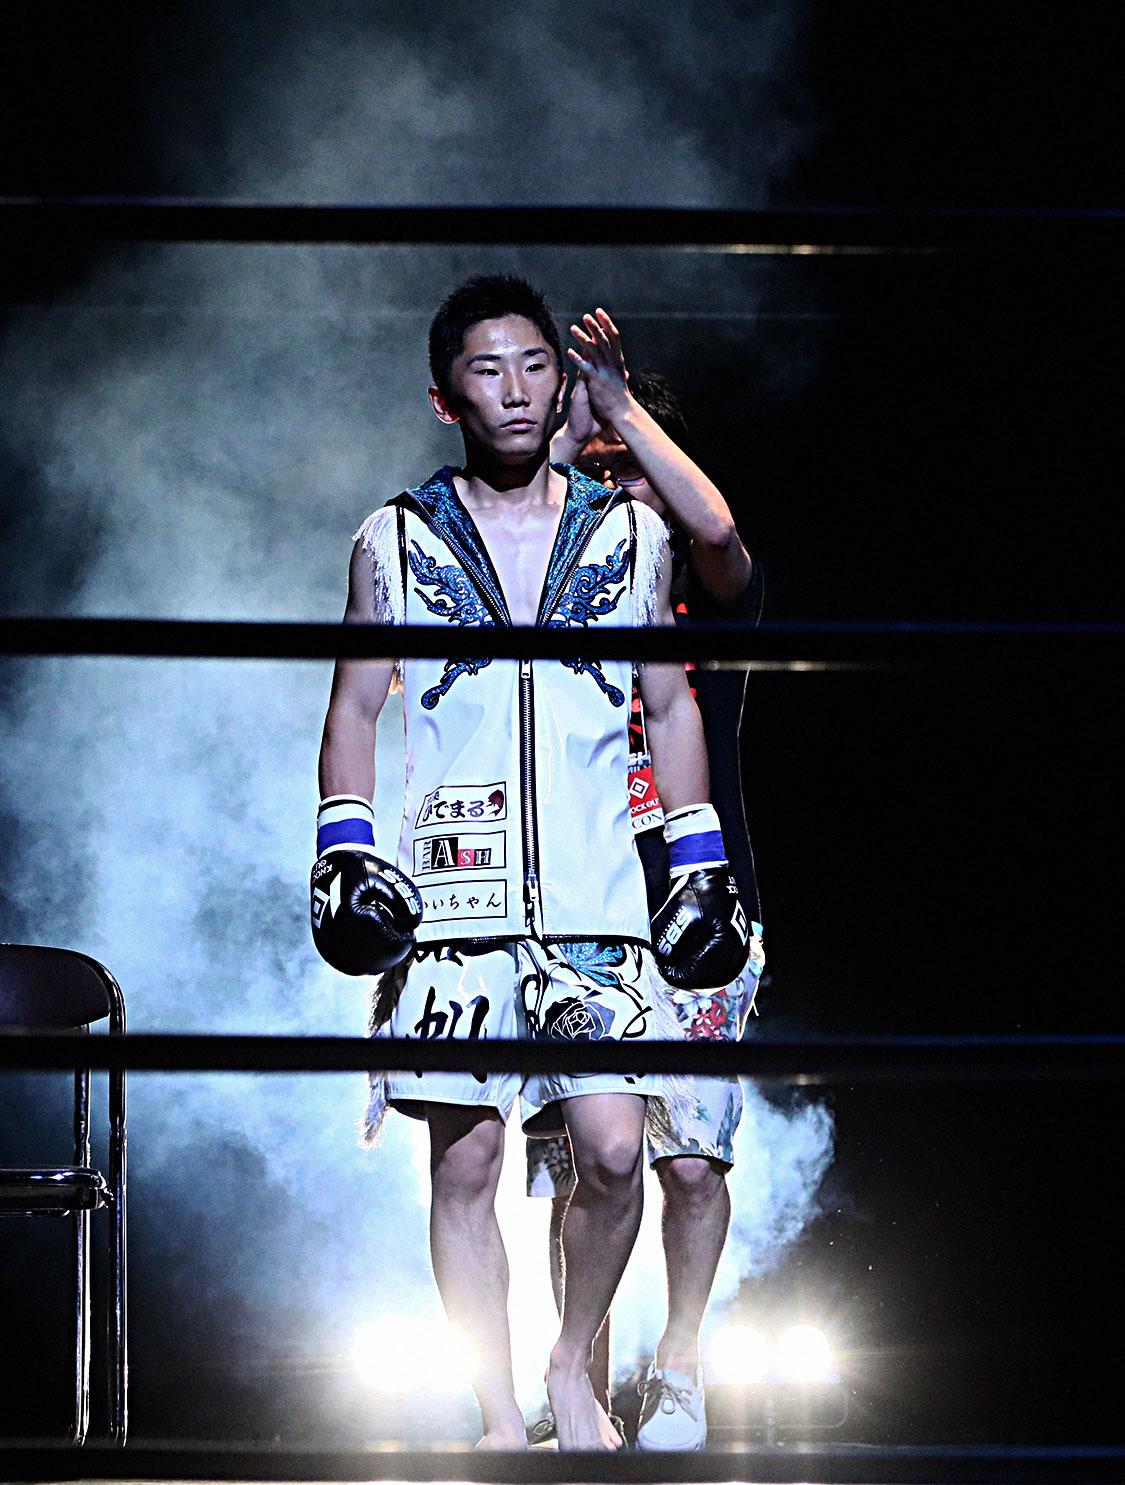 タネヨシホは韓国人?試合や高校、兄弟を紹介!戦績や入場曲も!wiki的プロフィール【キック】